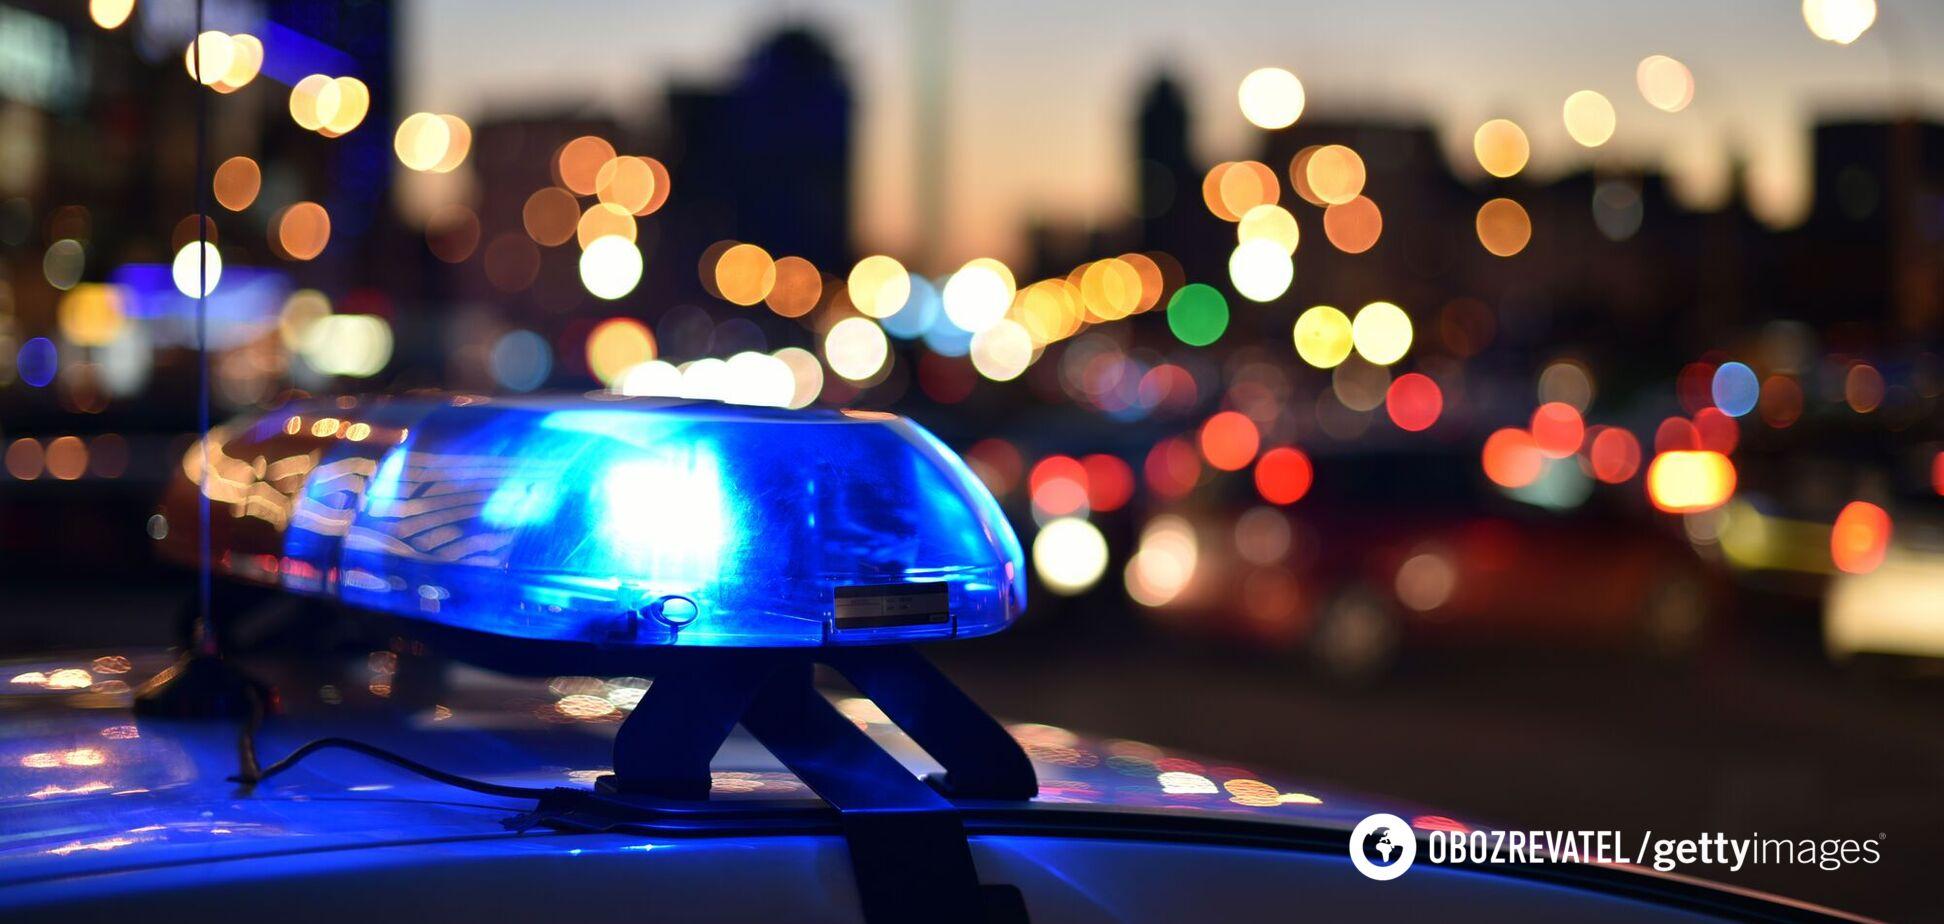 Полиция задержала несовершеннолетнего